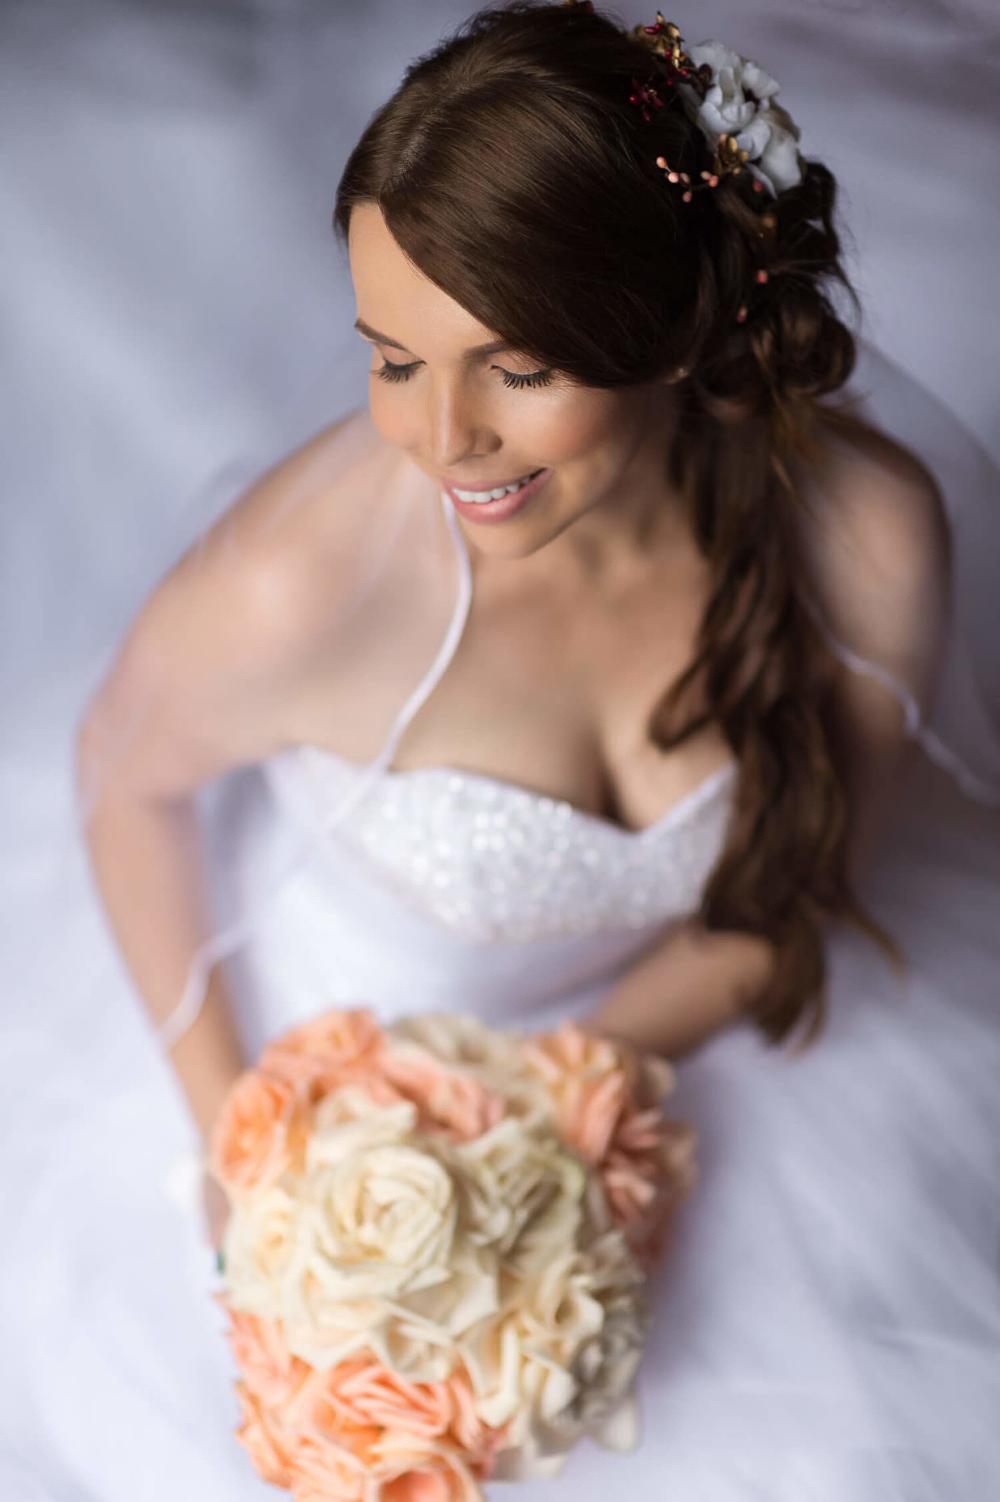 A Wedding Inspiration Photo Shoot In Costa Rica Junebug Weddings Amazing Wedding Makeup Wedding Photo Makeup Wedding Hair And Makeup